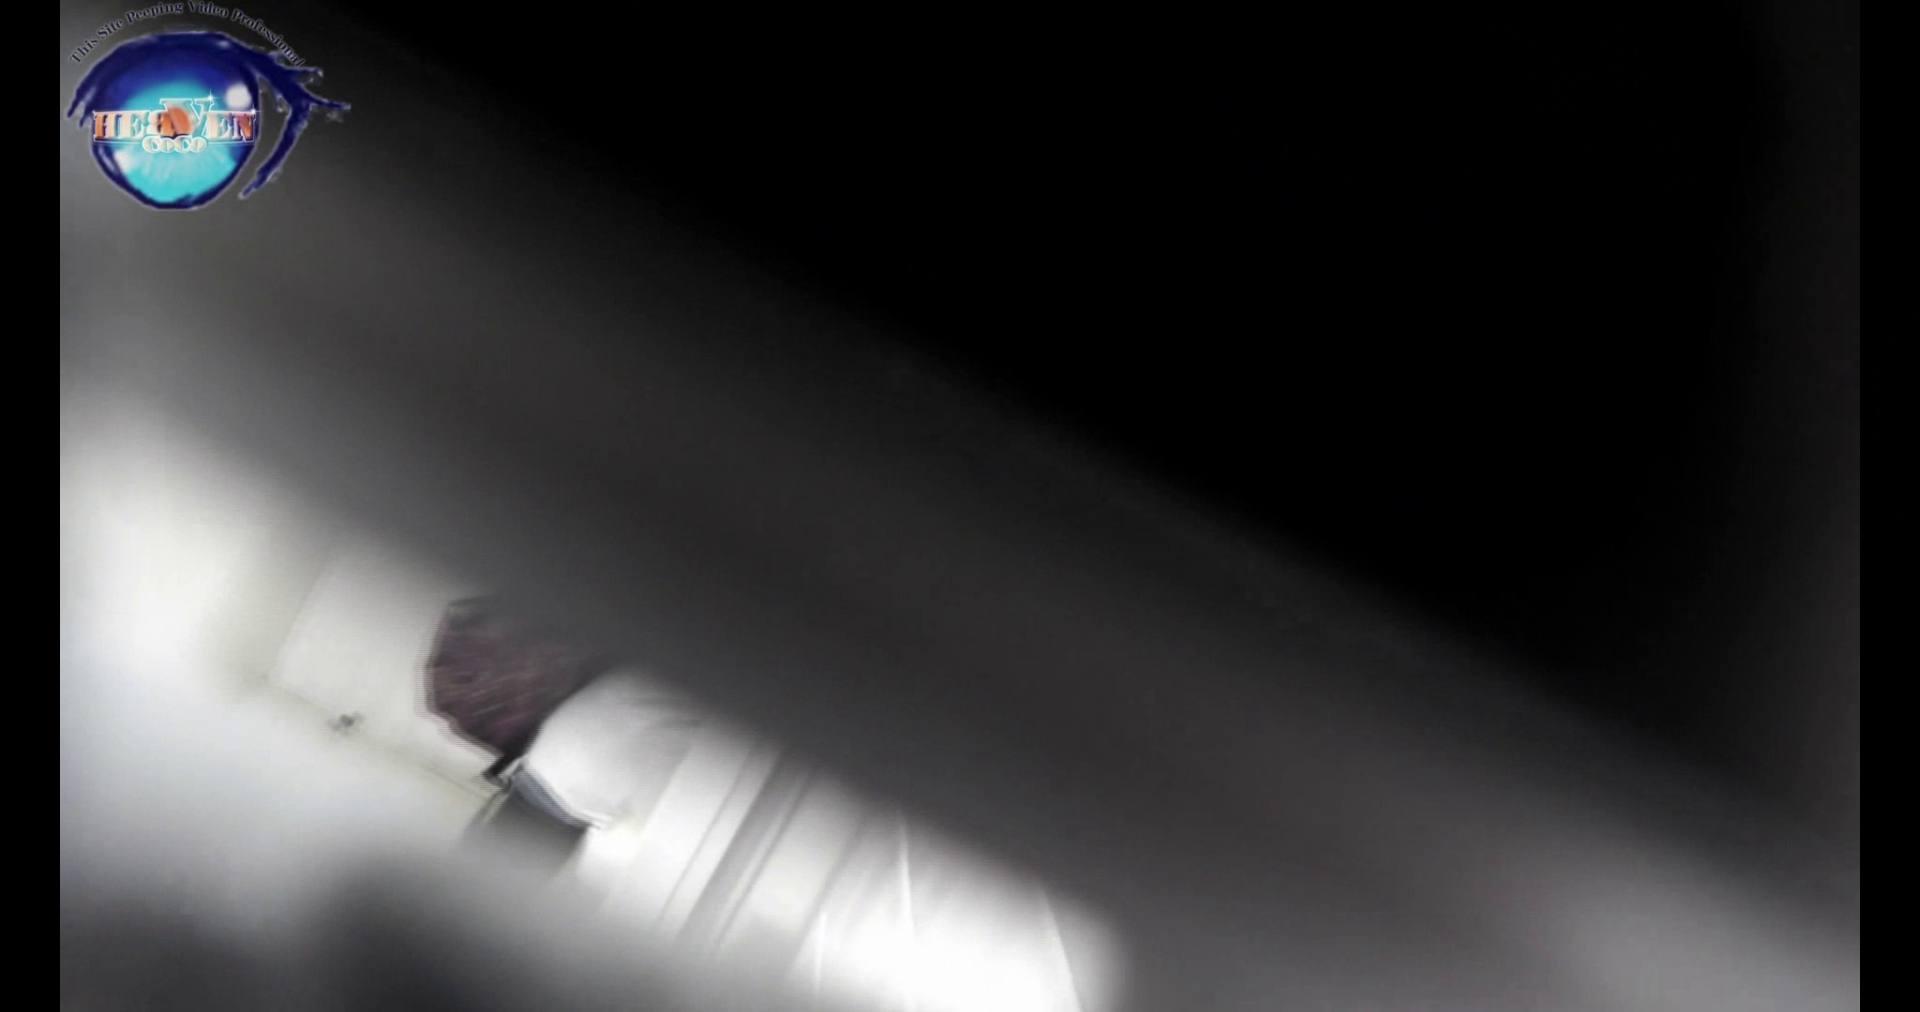 お銀さんの洗面所突入レポート!!vol.77 純国内、突き出し角度は規格外 後編 OLエロ画像 | 洗面所  21PICs 15